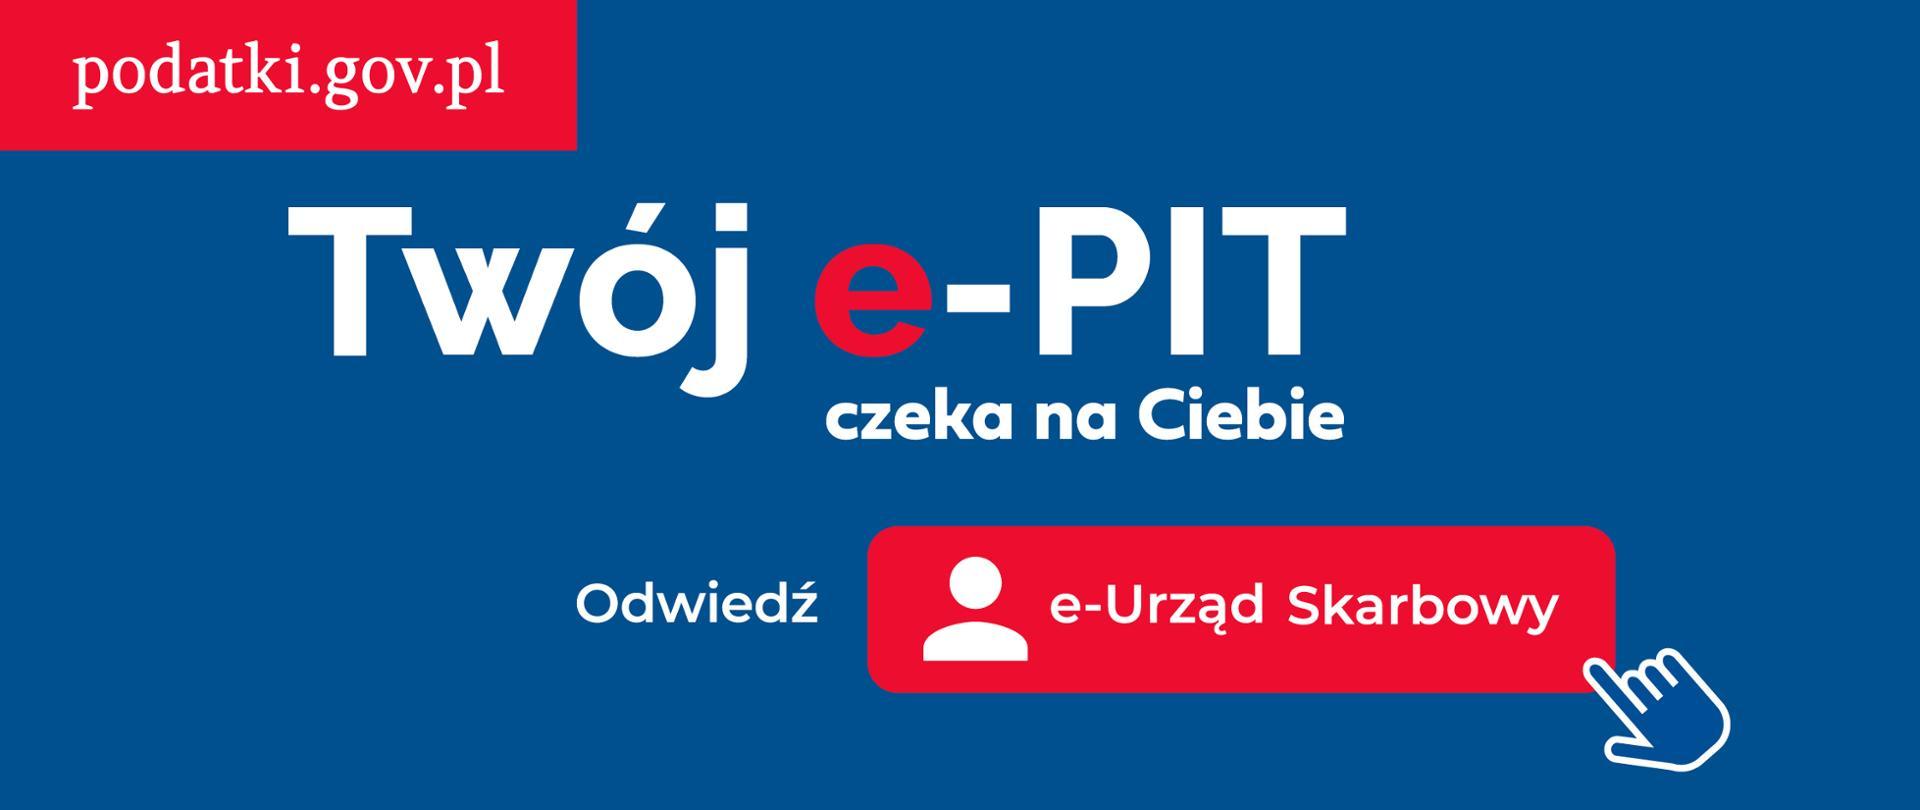 Grafika z adresem strony podatki.gov.pl, napisem Twój e-PIT czeka na Ciebie. Odwiedź e-Urząd Skarbowy.